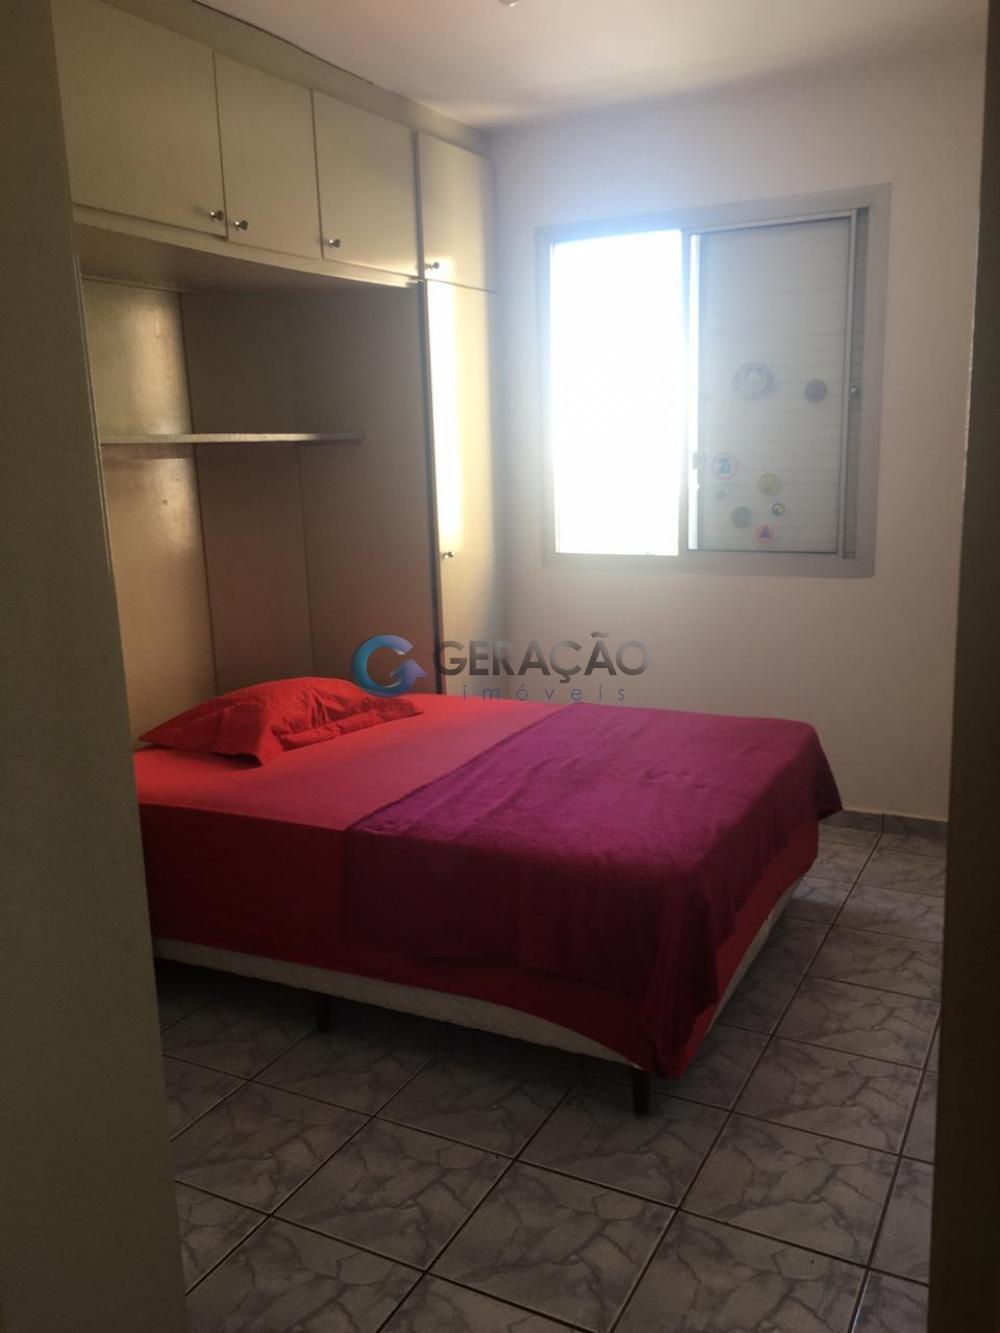 Comprar Apartamento / Padrão em São José dos Campos R$ 190.000,00 - Foto 6